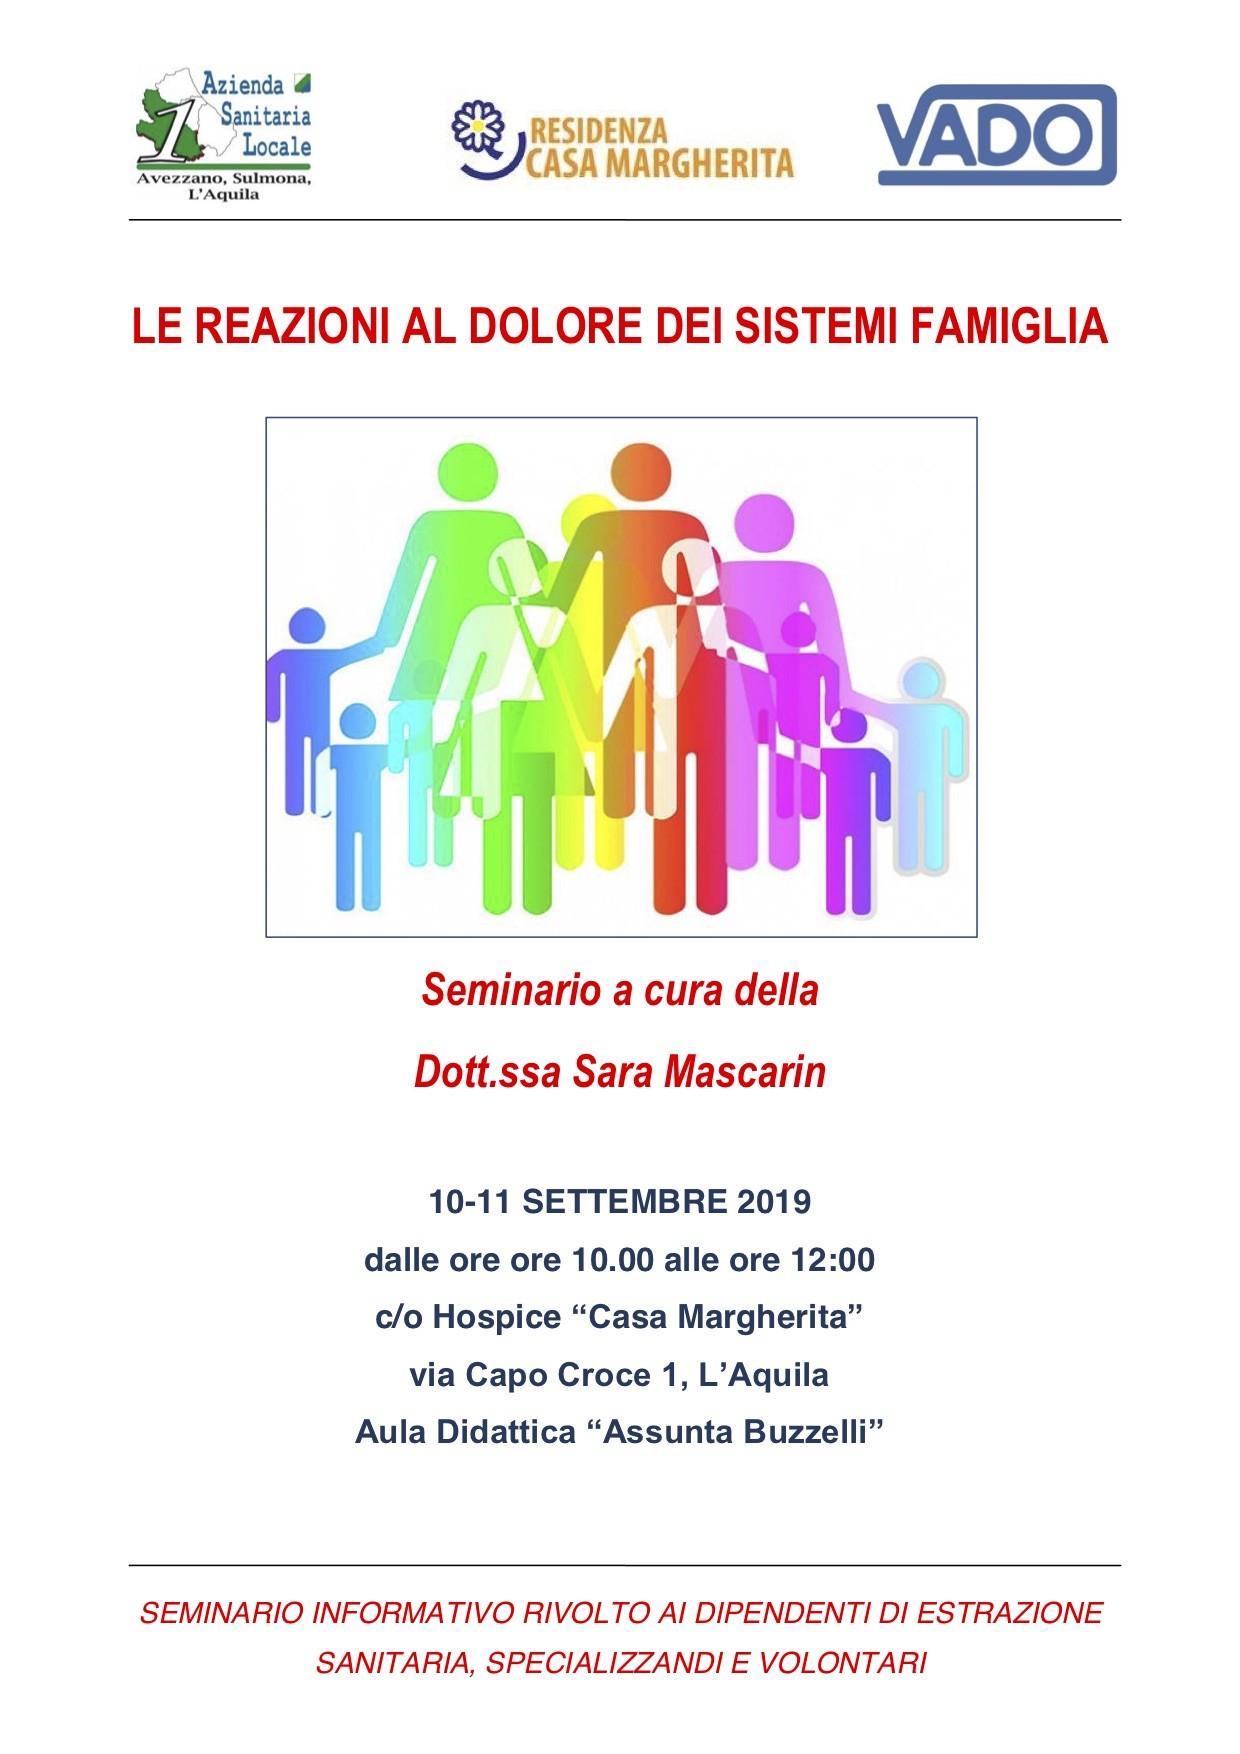 locandina 10-11 settembre 2019